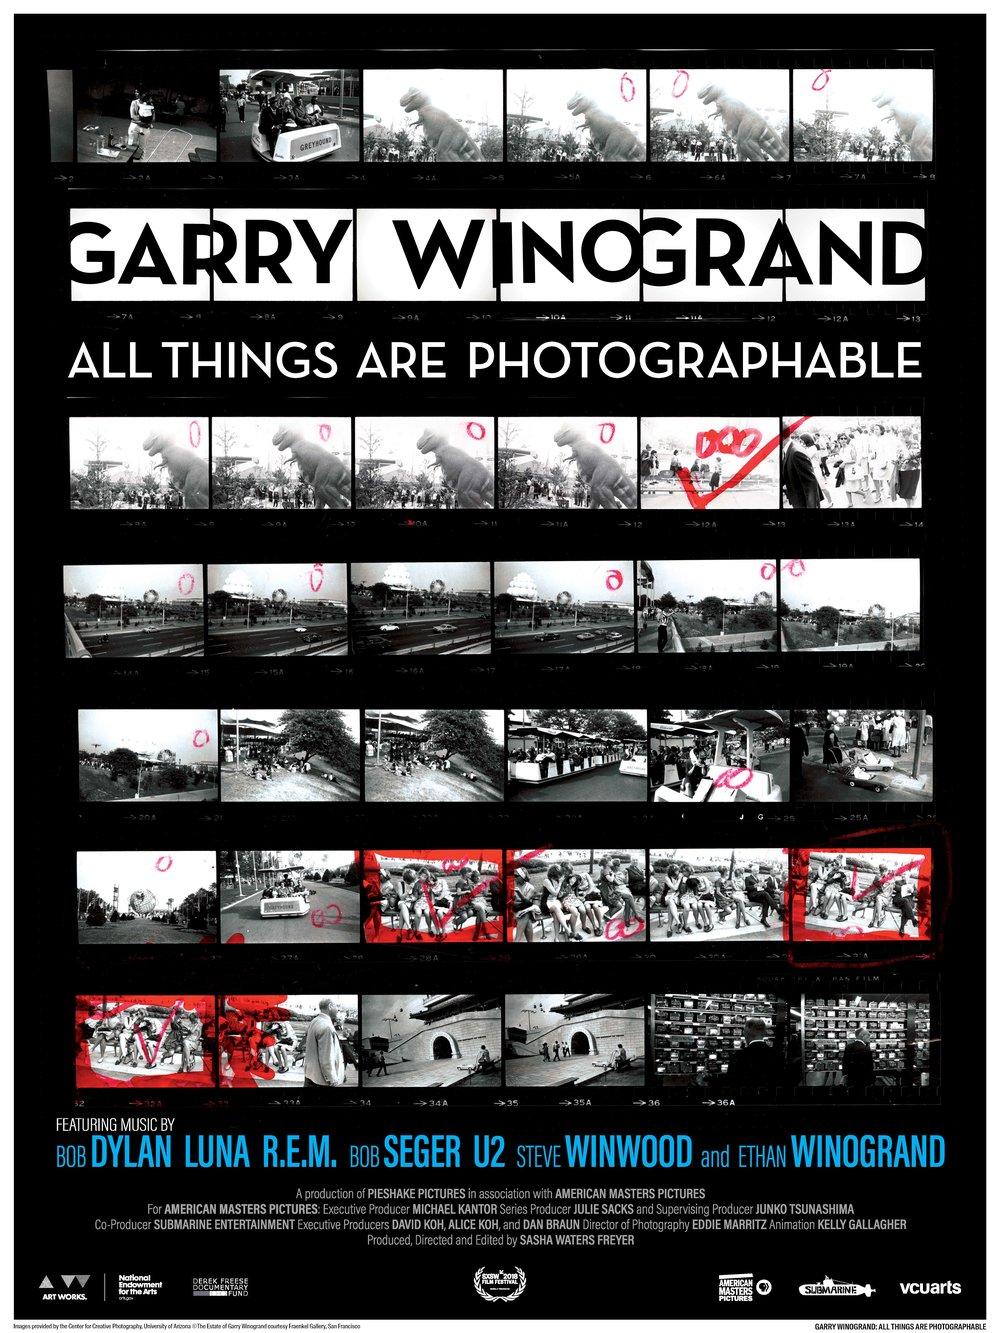 Garry_Winogrand_poster.jpg